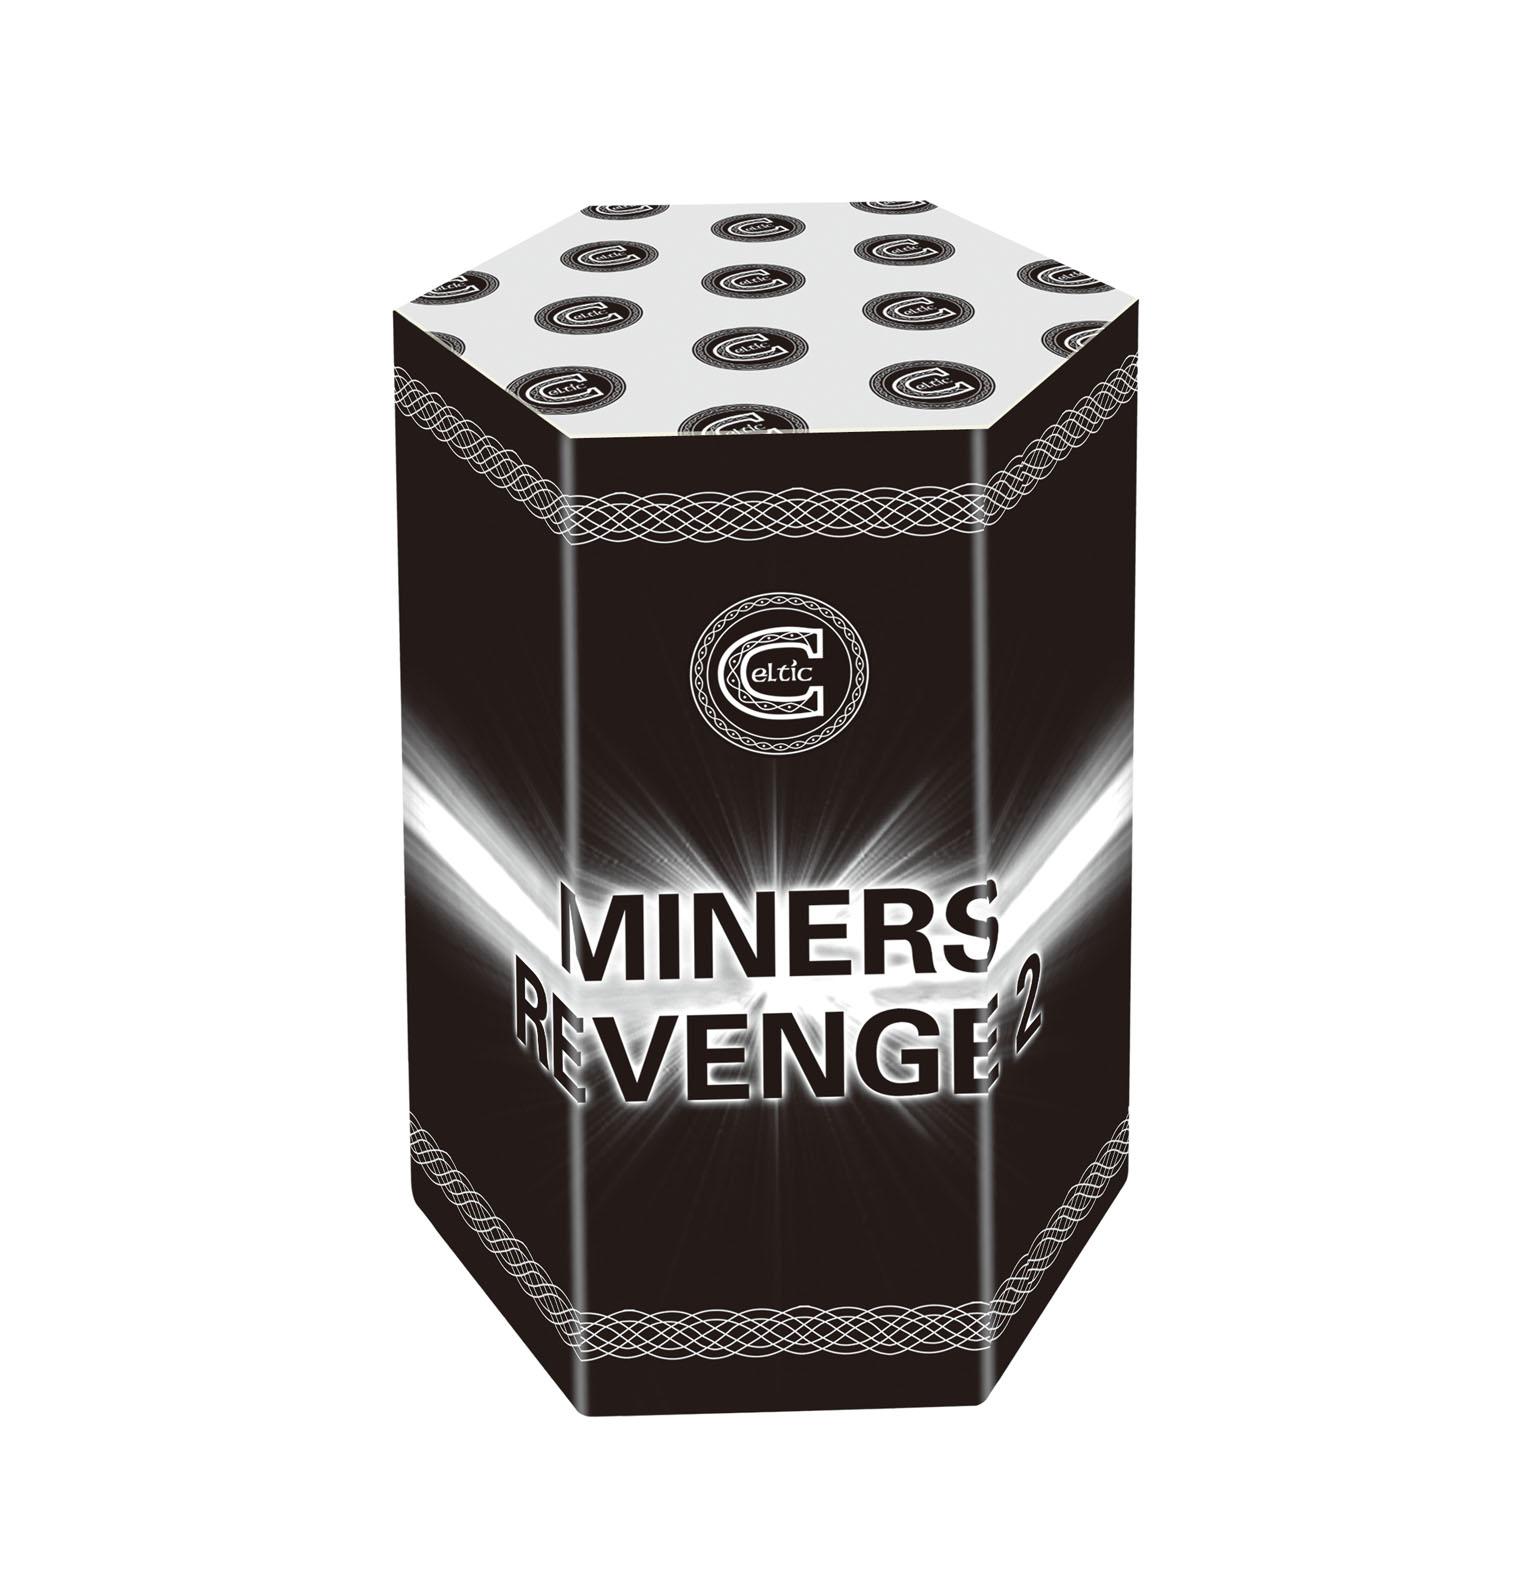 miners revenge fireworks